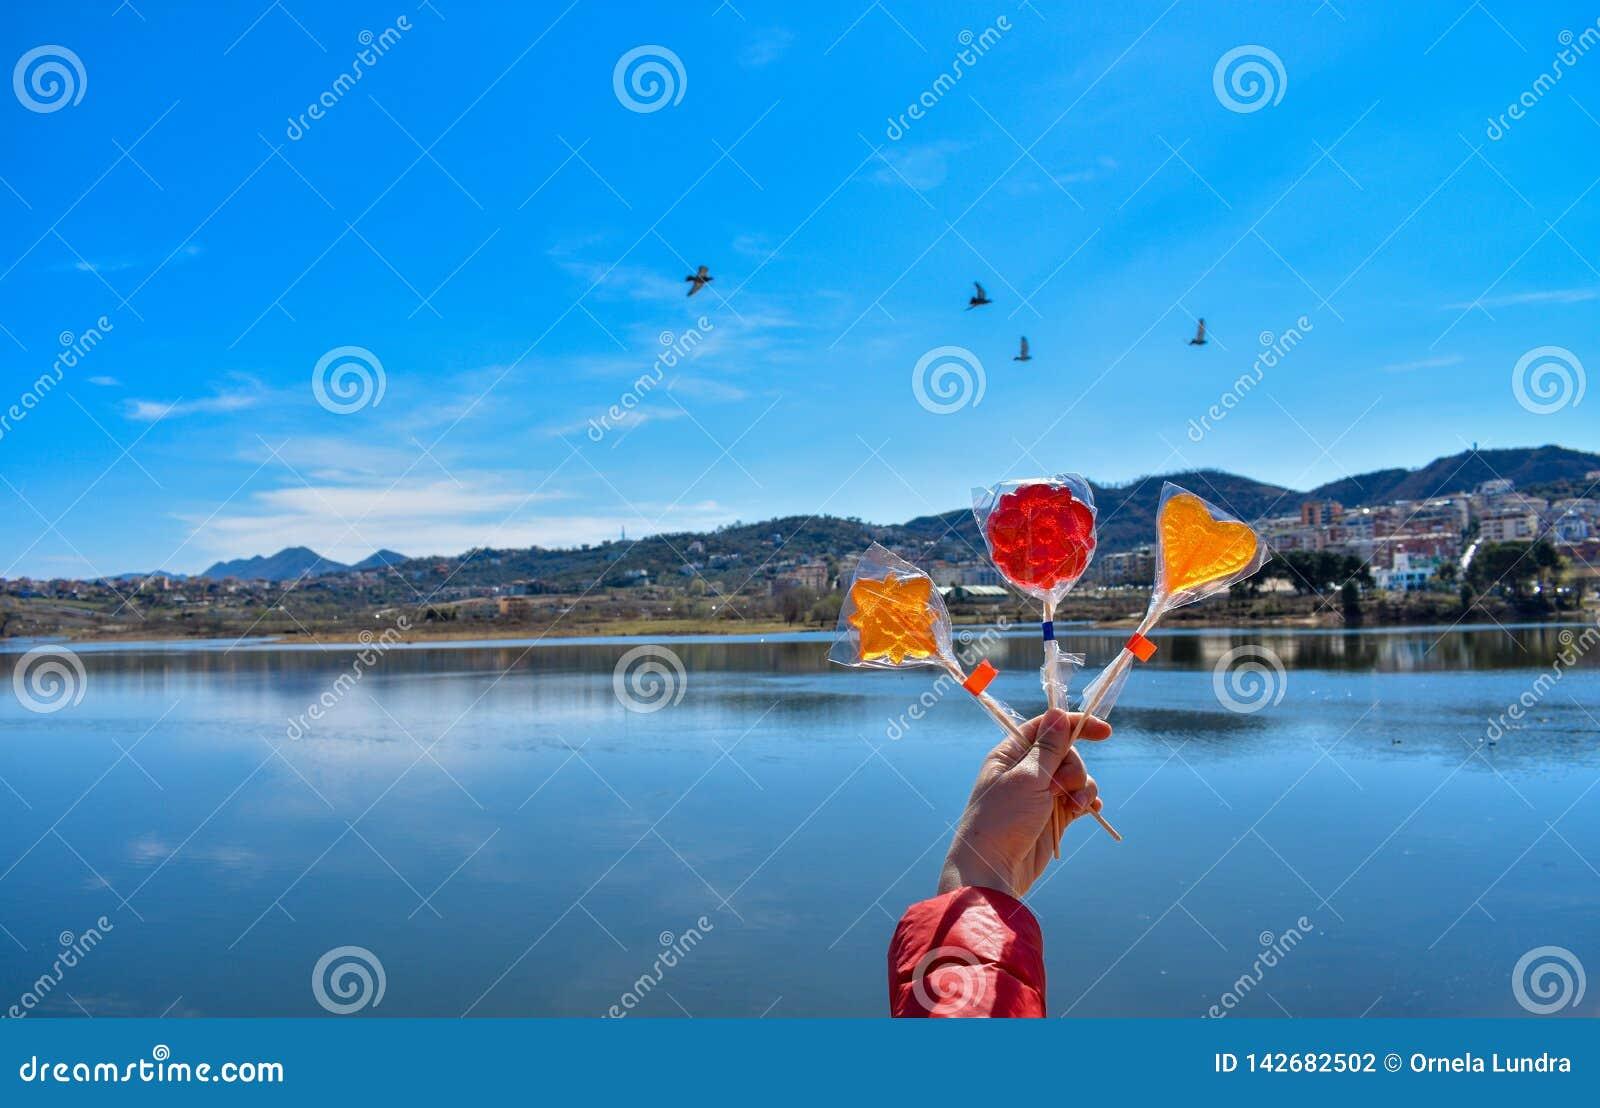 Ανθρώπινο χέρι που κρατά τα ζωηρόχρωμα lollipops ενάντια στην τεχνητή λίμνη